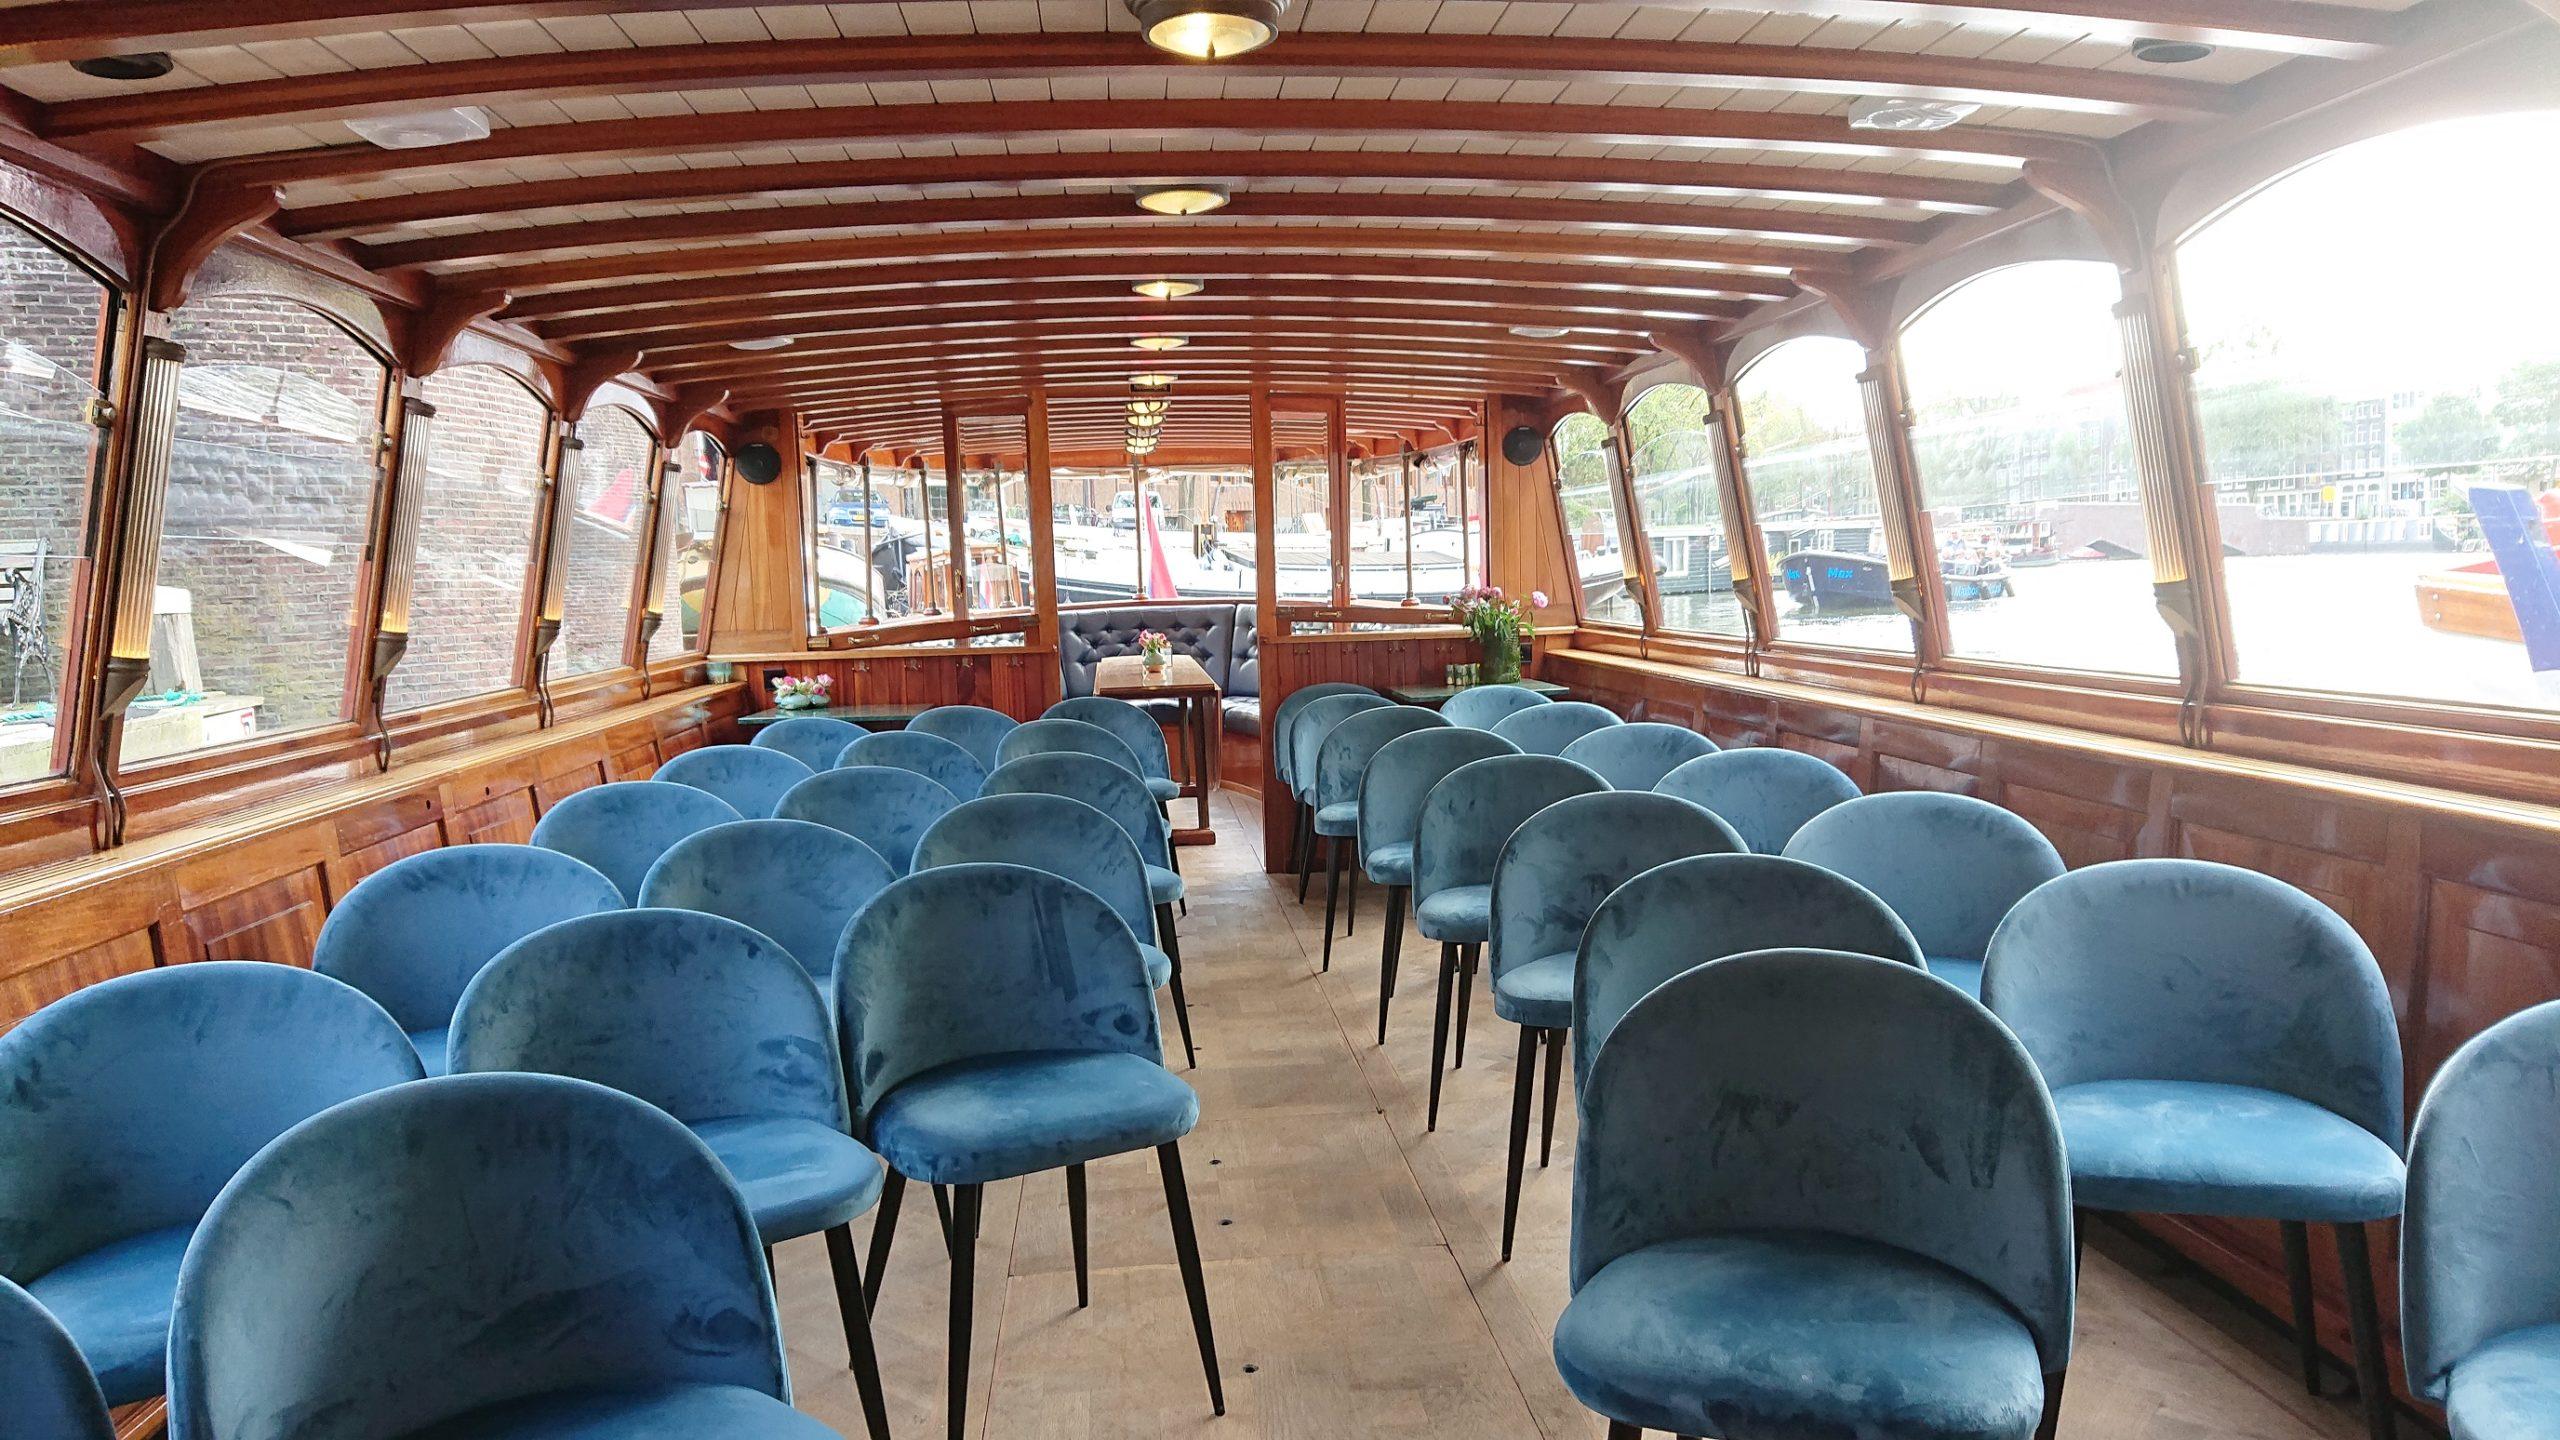 Trouwen op een salonboot in Amsterdam. Monne de Miranda.